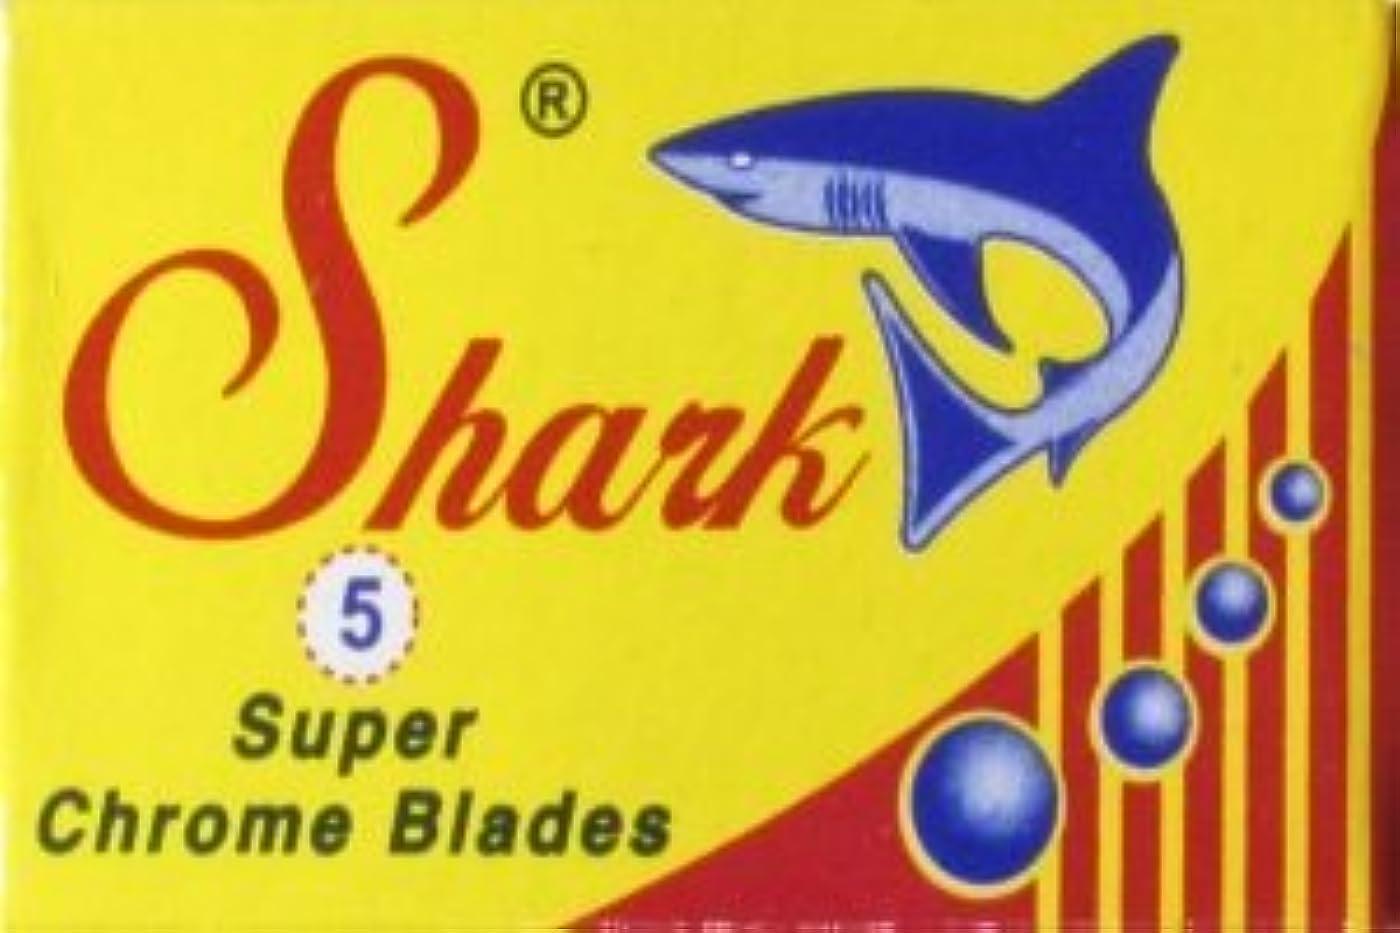 崩壊かんがいグレートオークShark Super Chrome 両刃替刃 5枚入り(5枚入り1 個セット)【並行輸入品】